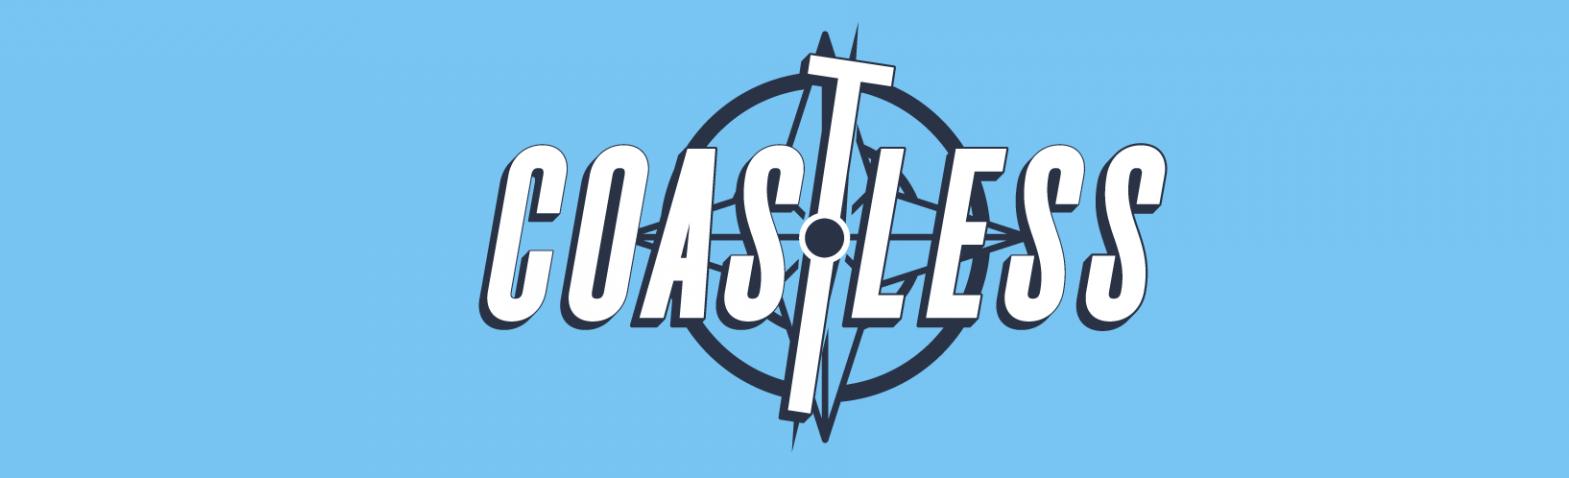 Coastless logo.png